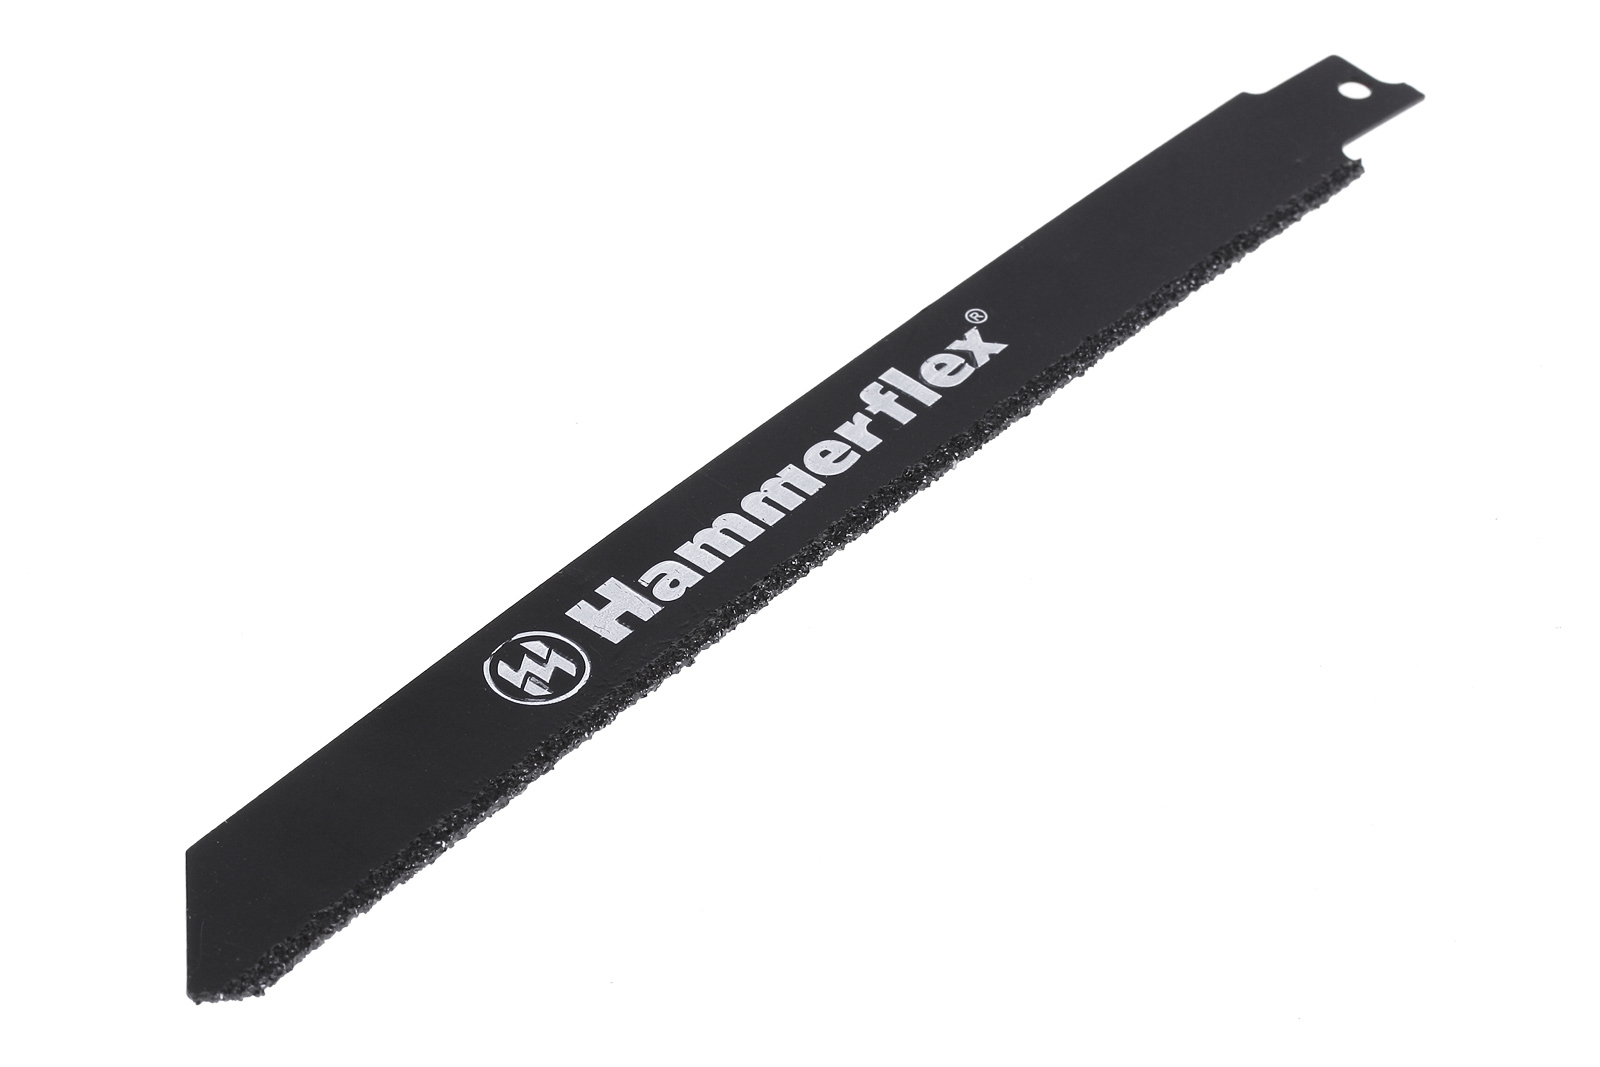 Полотно для сабельной пилы Hammer 225-204 rs bl 204 203х25,4х1.60 мм измеритель прочности бетона ada schmidt hammer 225